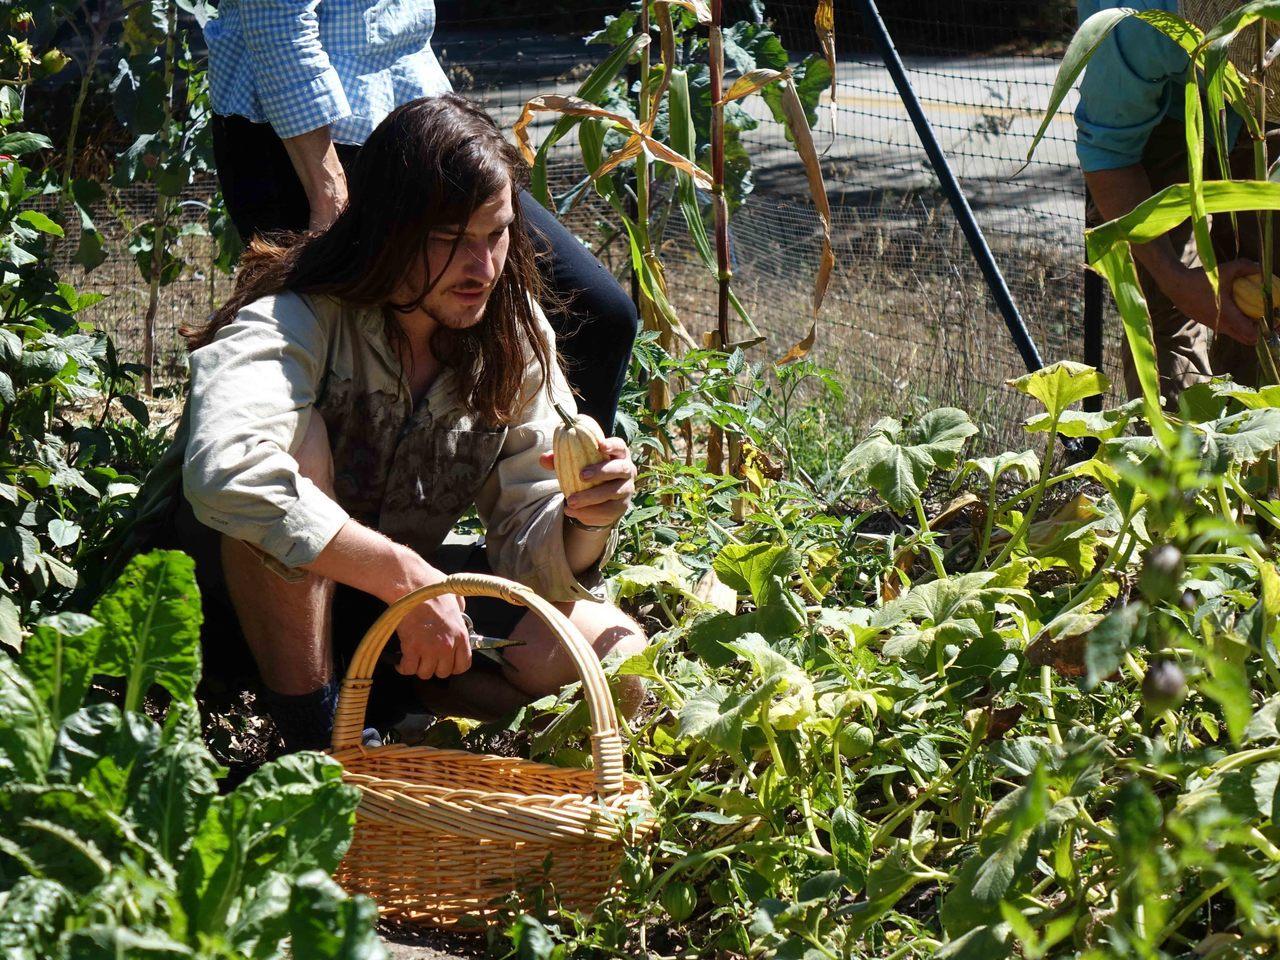 《農村的遠見》第二季的〈美國舊金山 有機生活美學〉,聚焦美國舊金山Bi-rite...